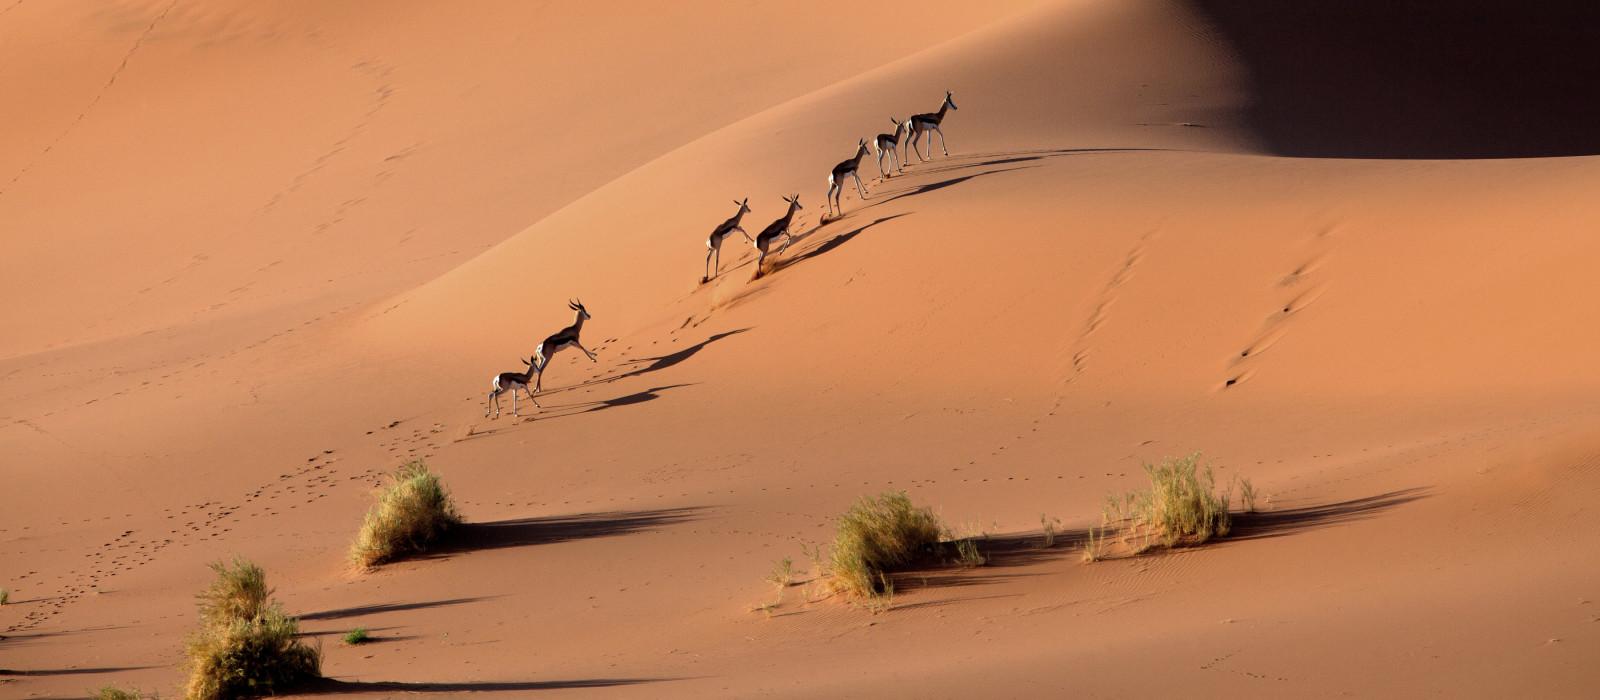 Sringböcke schlendern auf Namibias Wüste